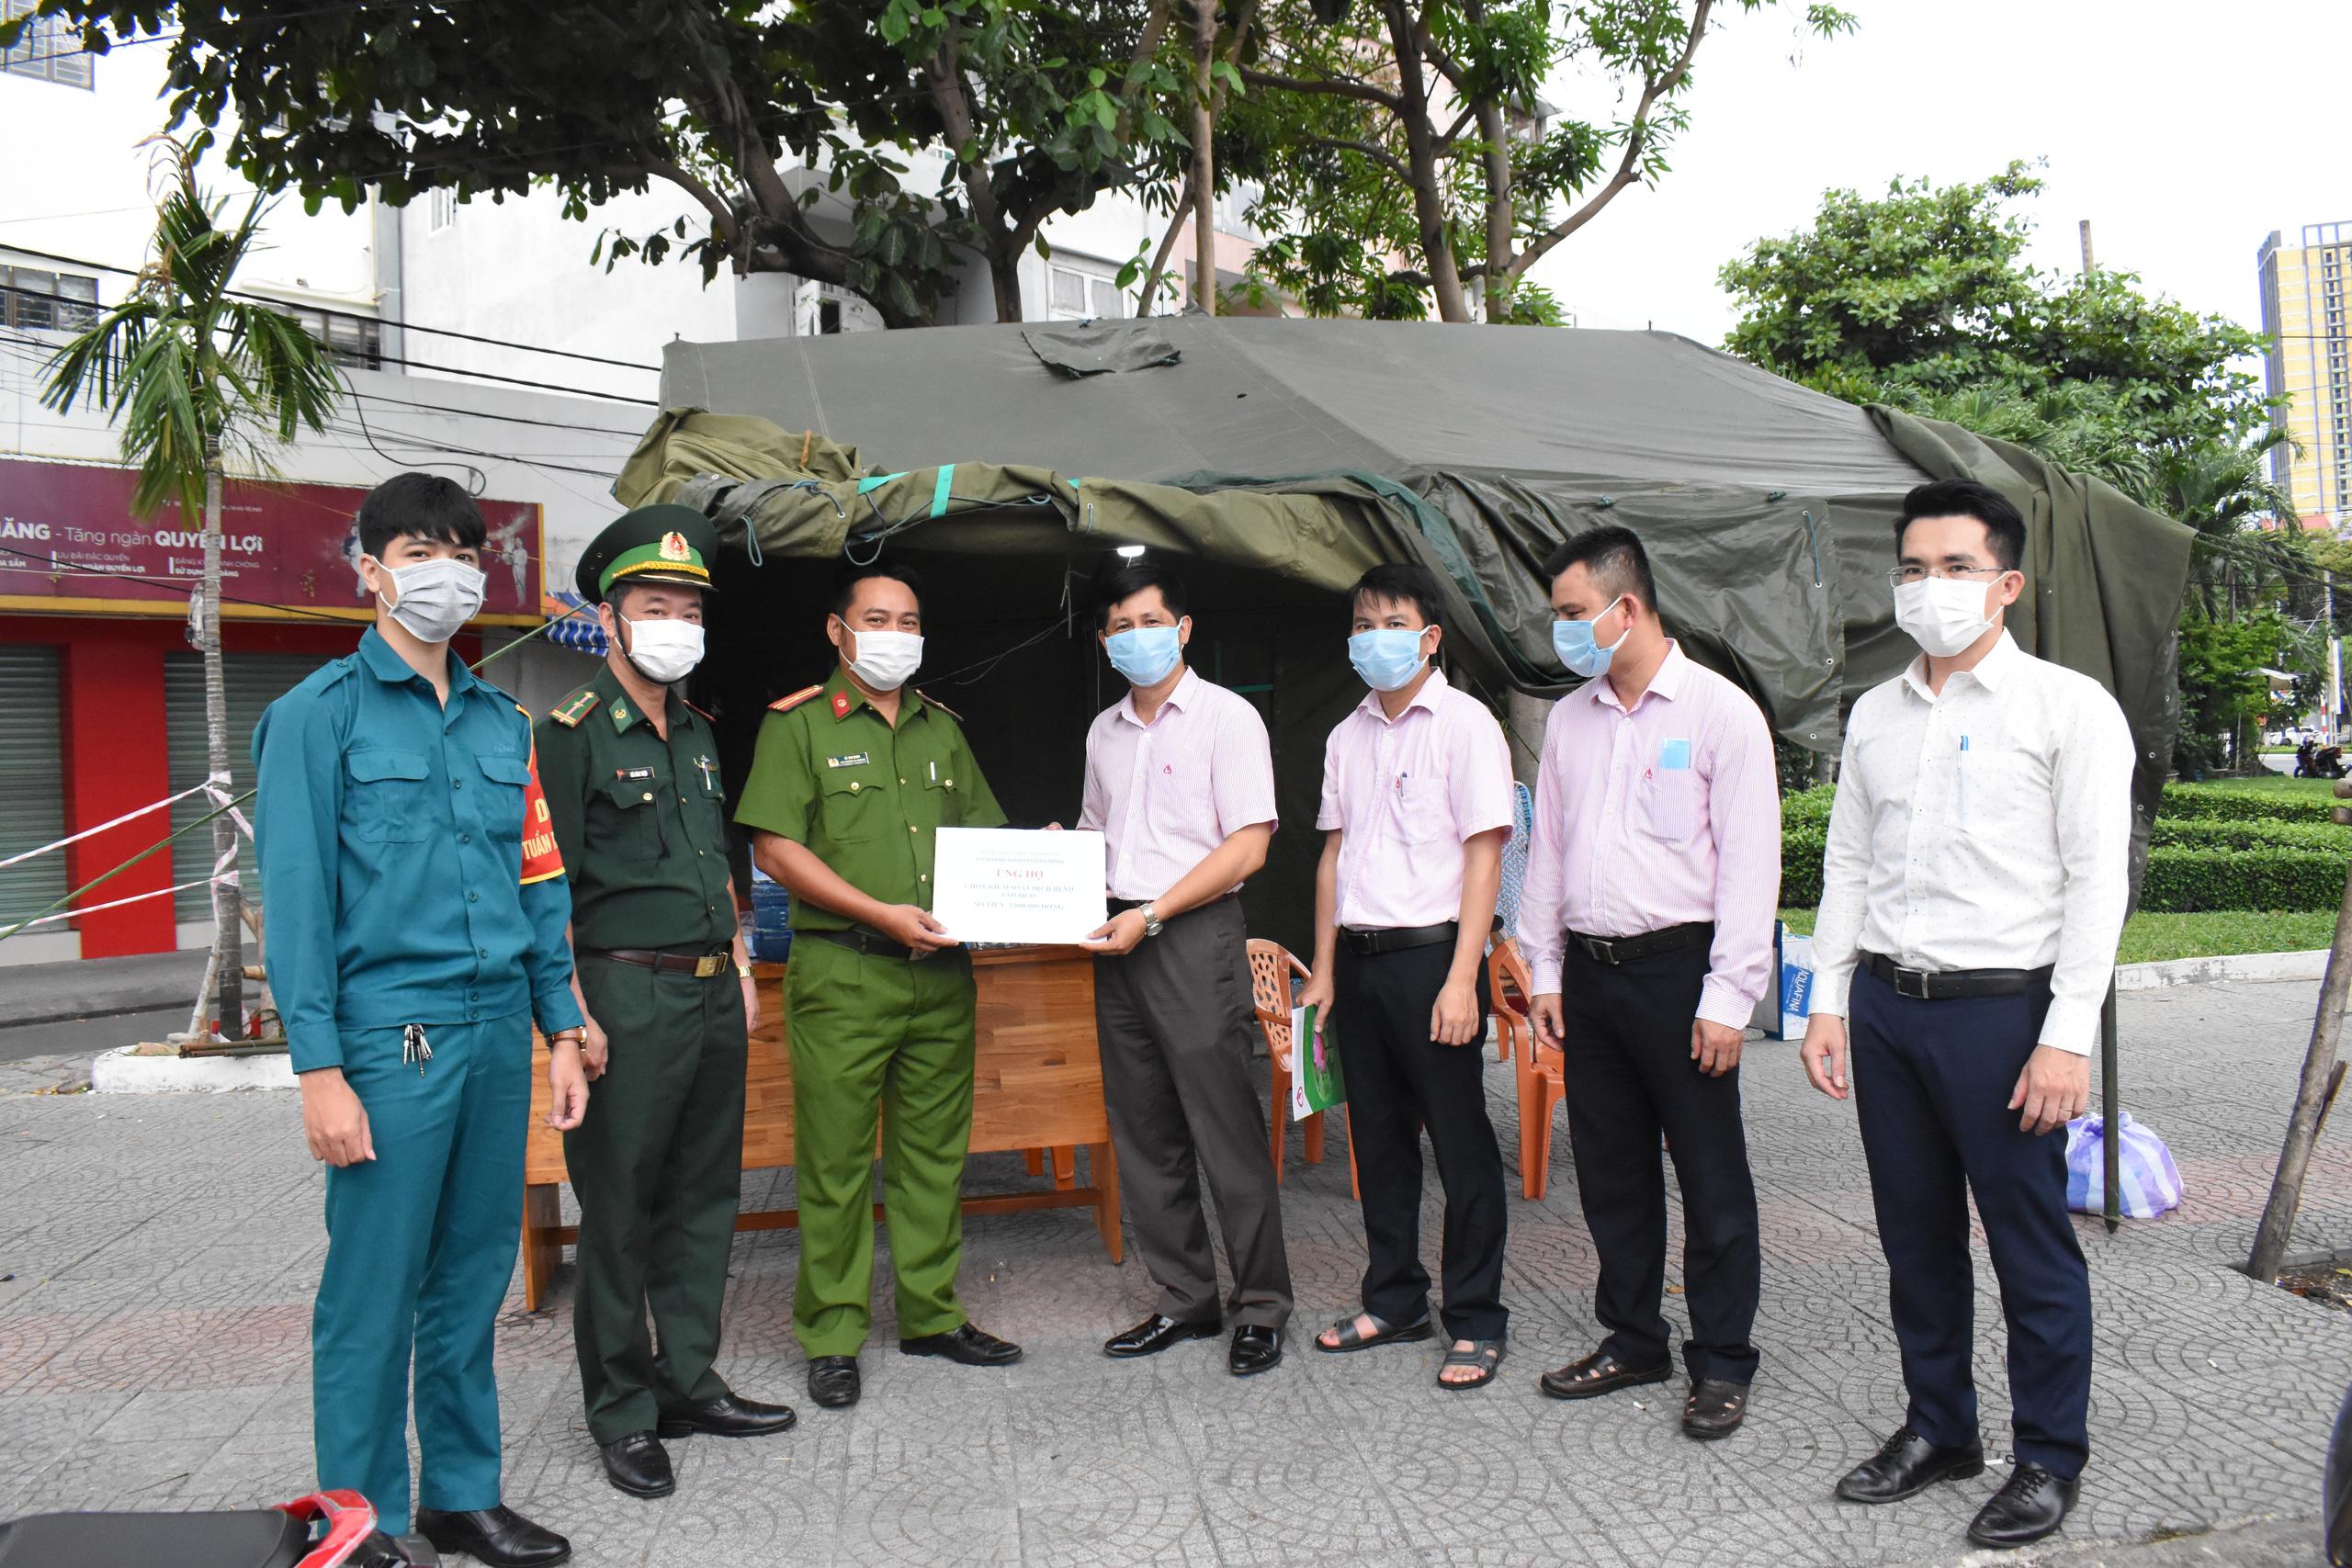 Đà Nẵng: Ngân hàng Chính sách xã hội tiếp sức cho các đơn vị tuyến đầu phòng chống dịch Covid-19 - Ảnh 4.